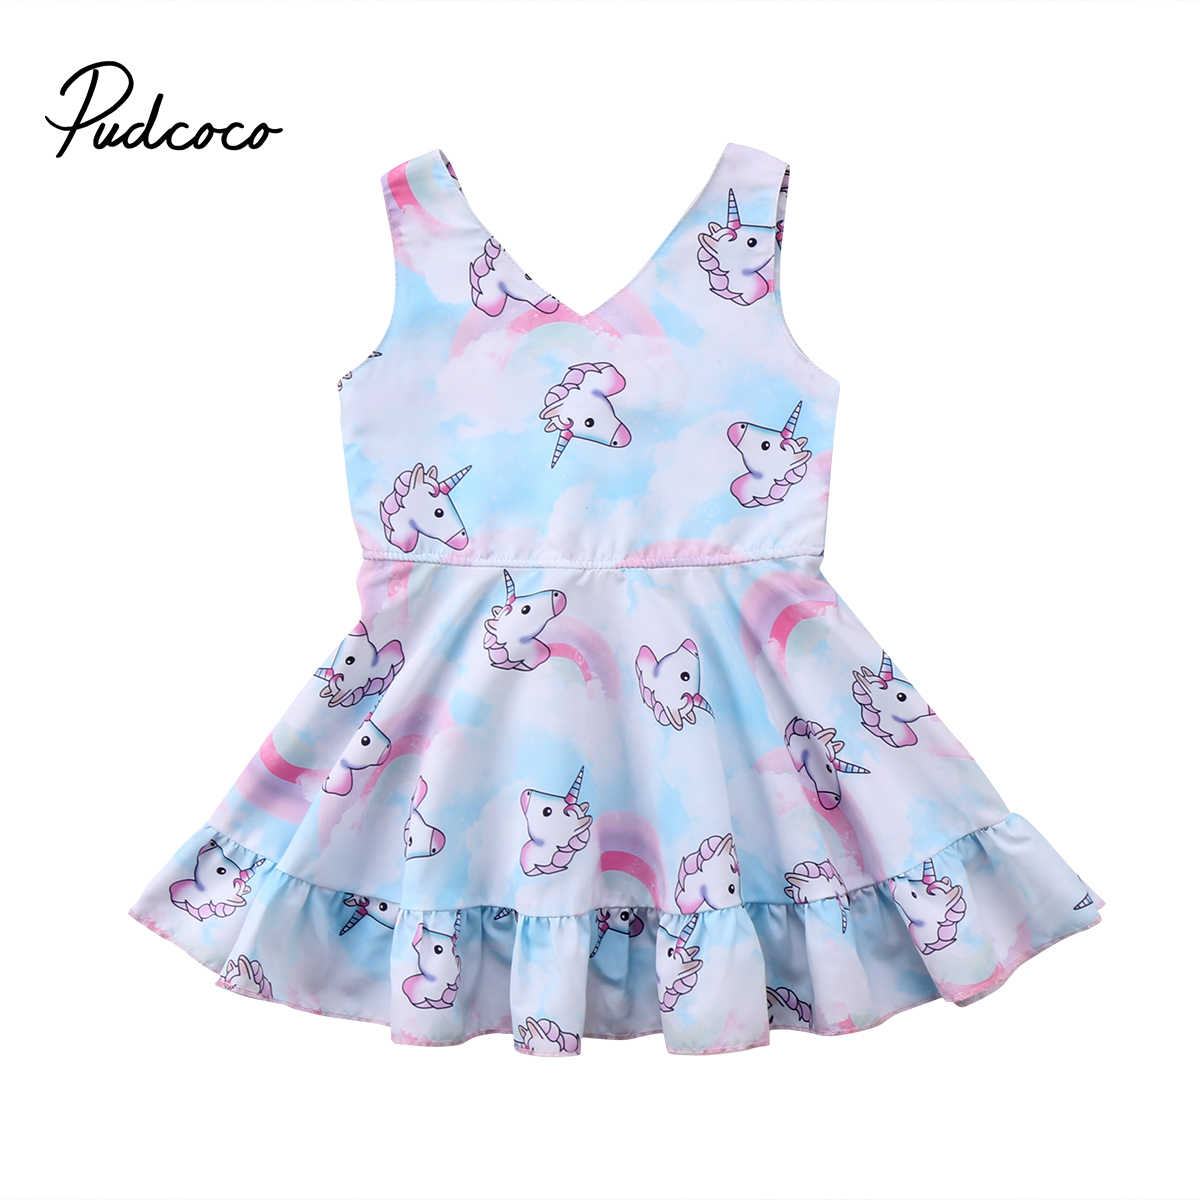 840ae2fea3e 2018 Фирменная Новинка Лето Малыш младенцу Платье принцессы для маленьких  девочек вечерние Единорог одежда без рукавов